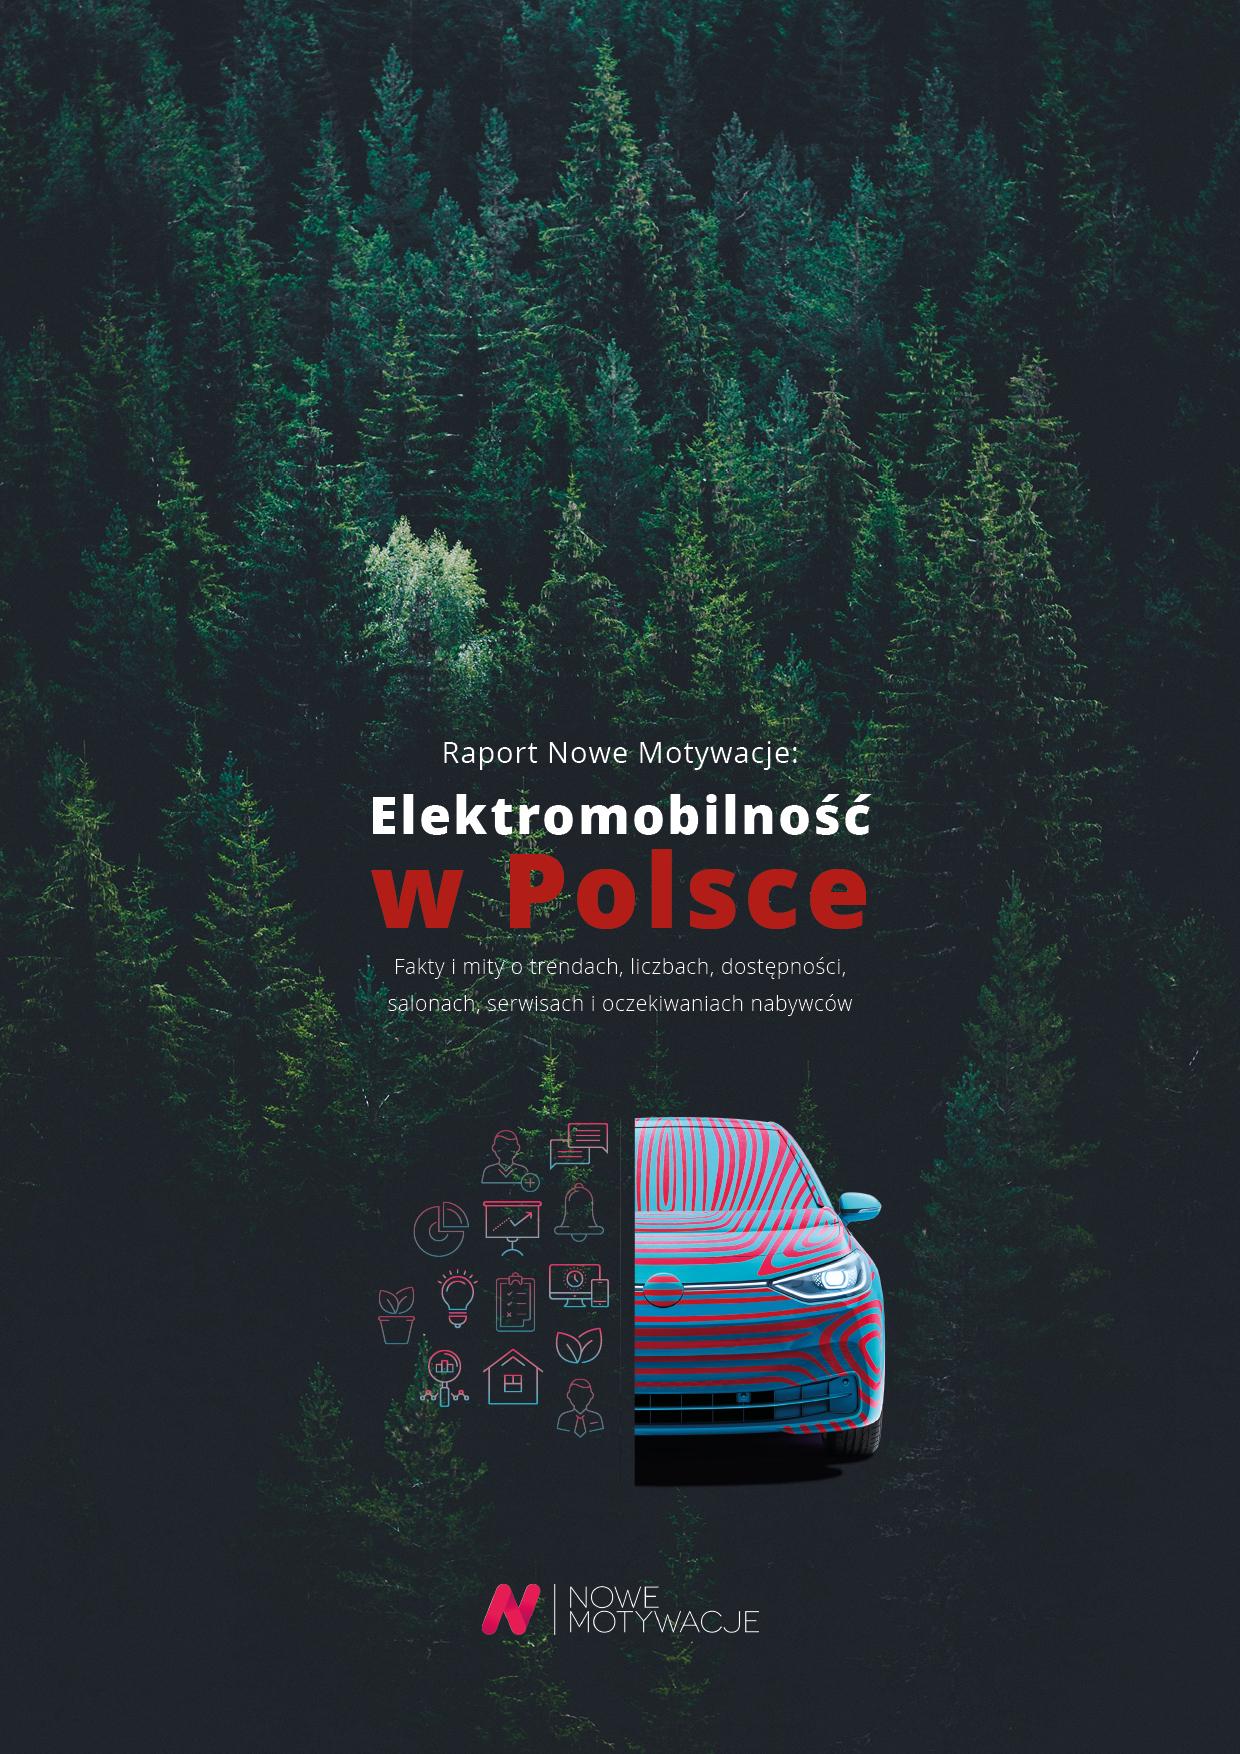 """Elektromobilność w  Polsce – Salony i serwisy bez """"energii"""" do sprzedaży samochodów elektrycznych"""